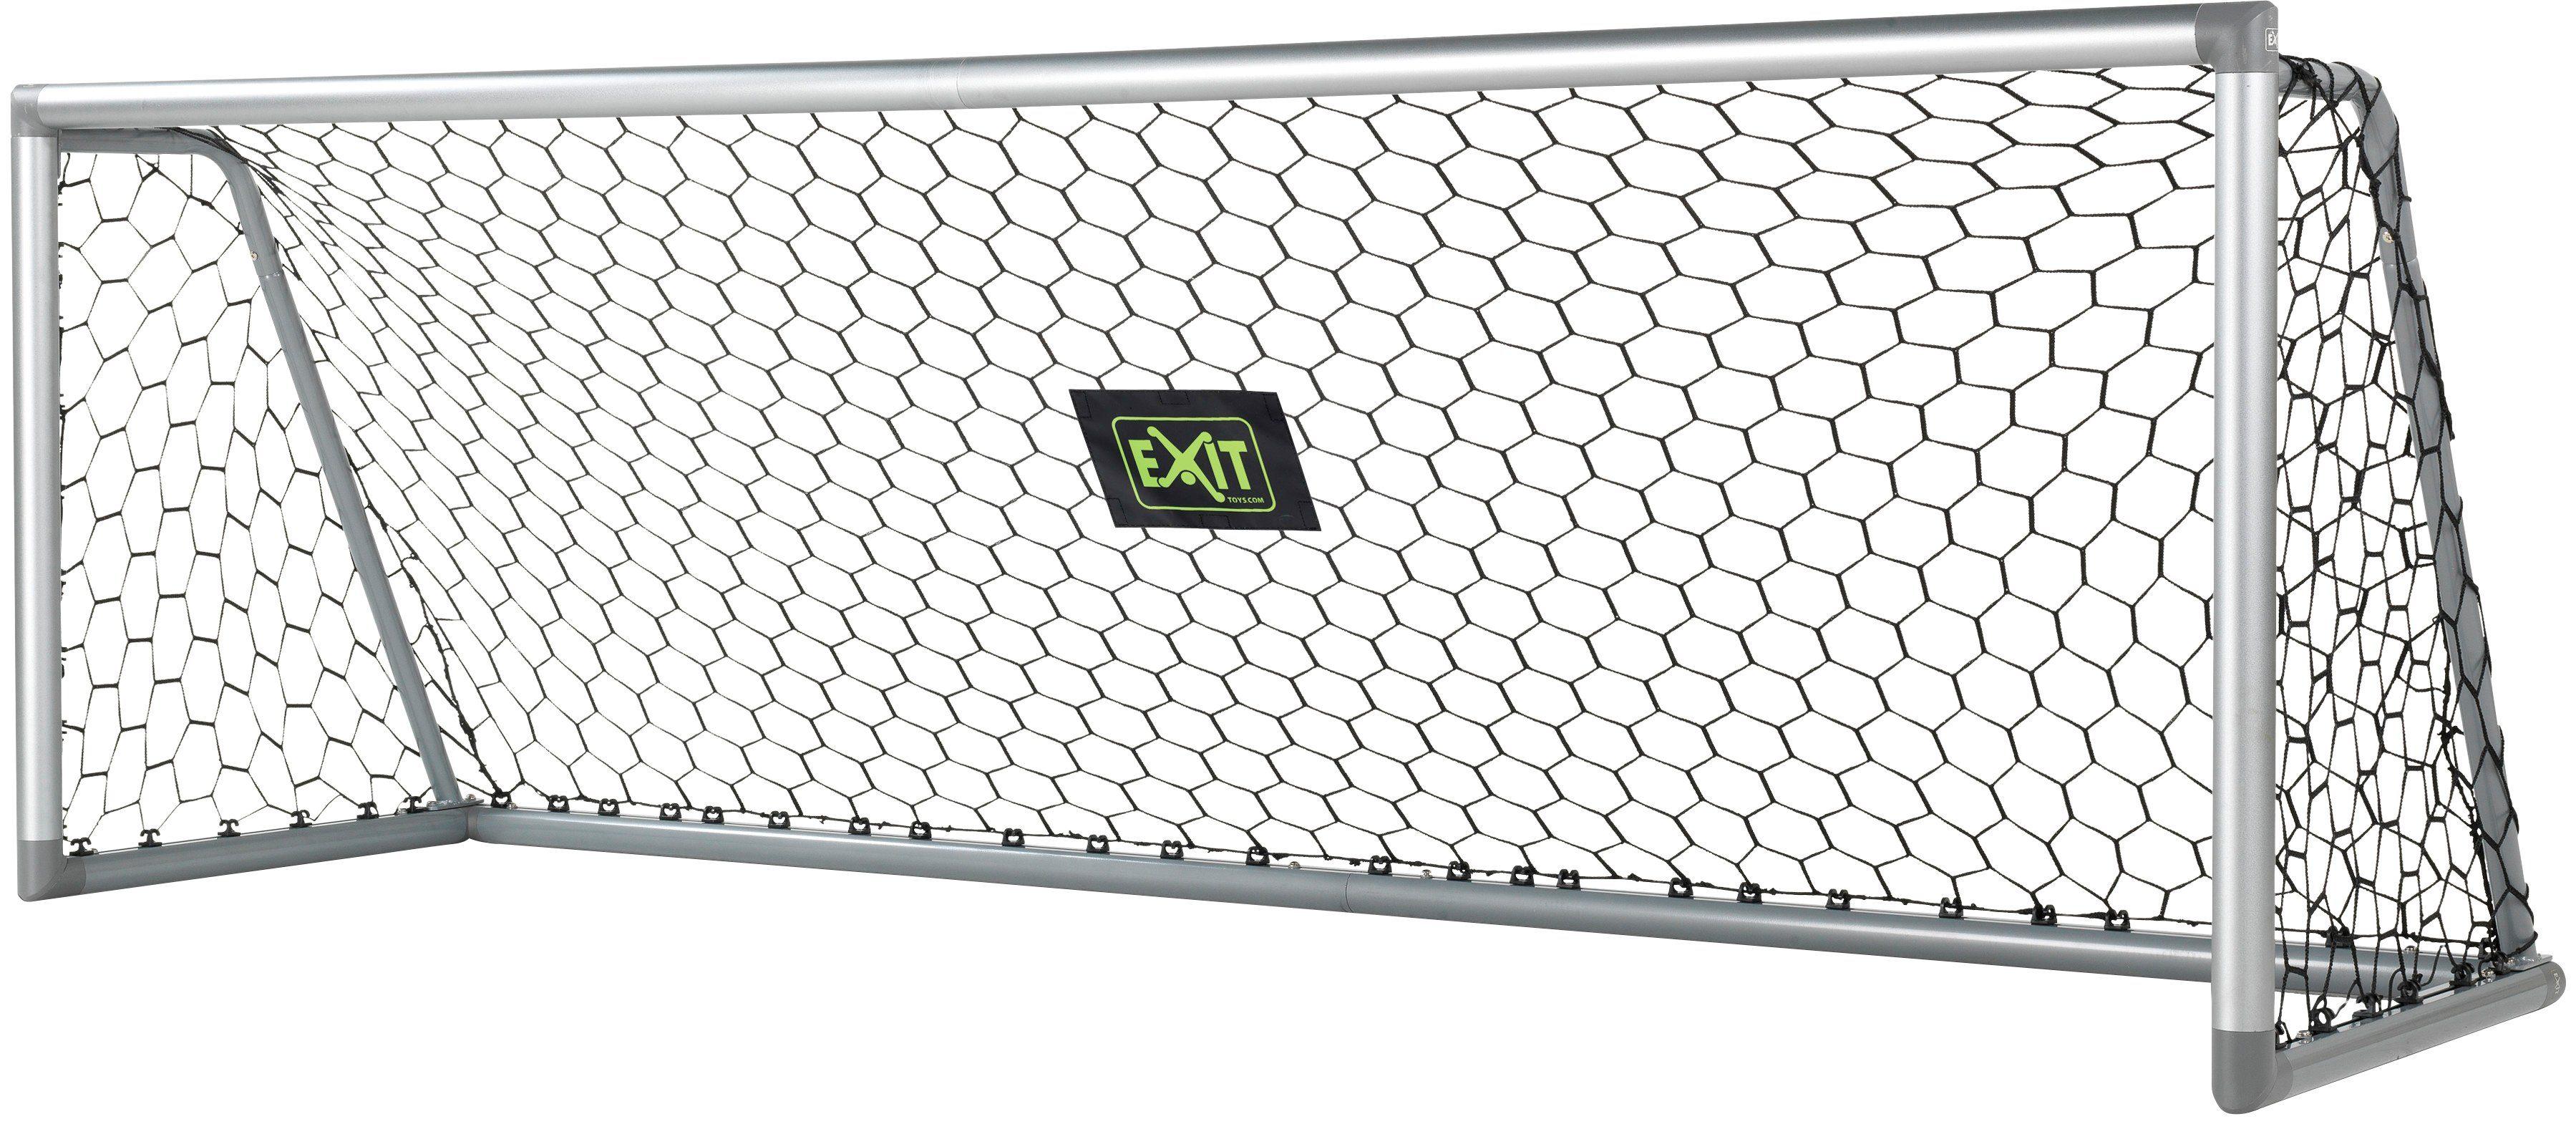 EXIT Fußballtor »Scala«, B/T/H: 300/80/100 cm, aus Aluminium